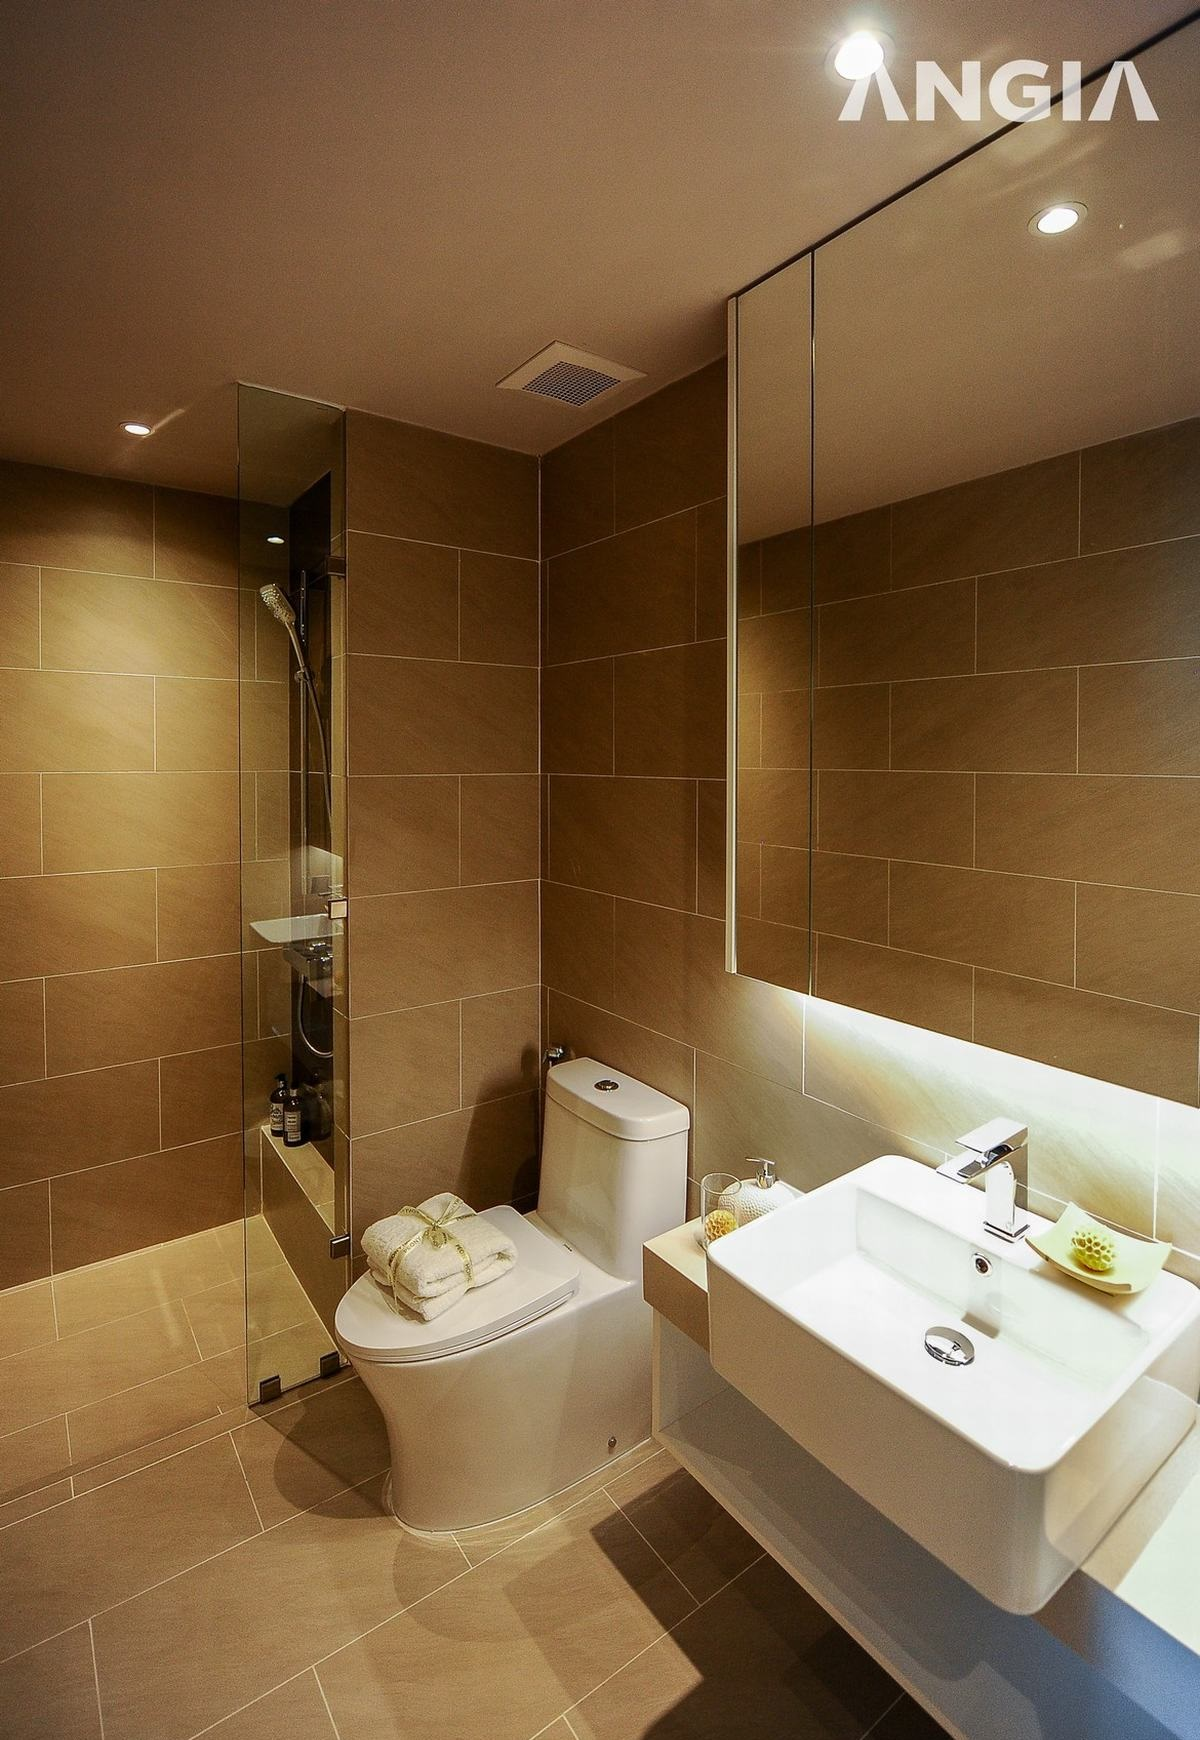 Các nội thất phòng tắm West Gate được bàn giao đầy đủ